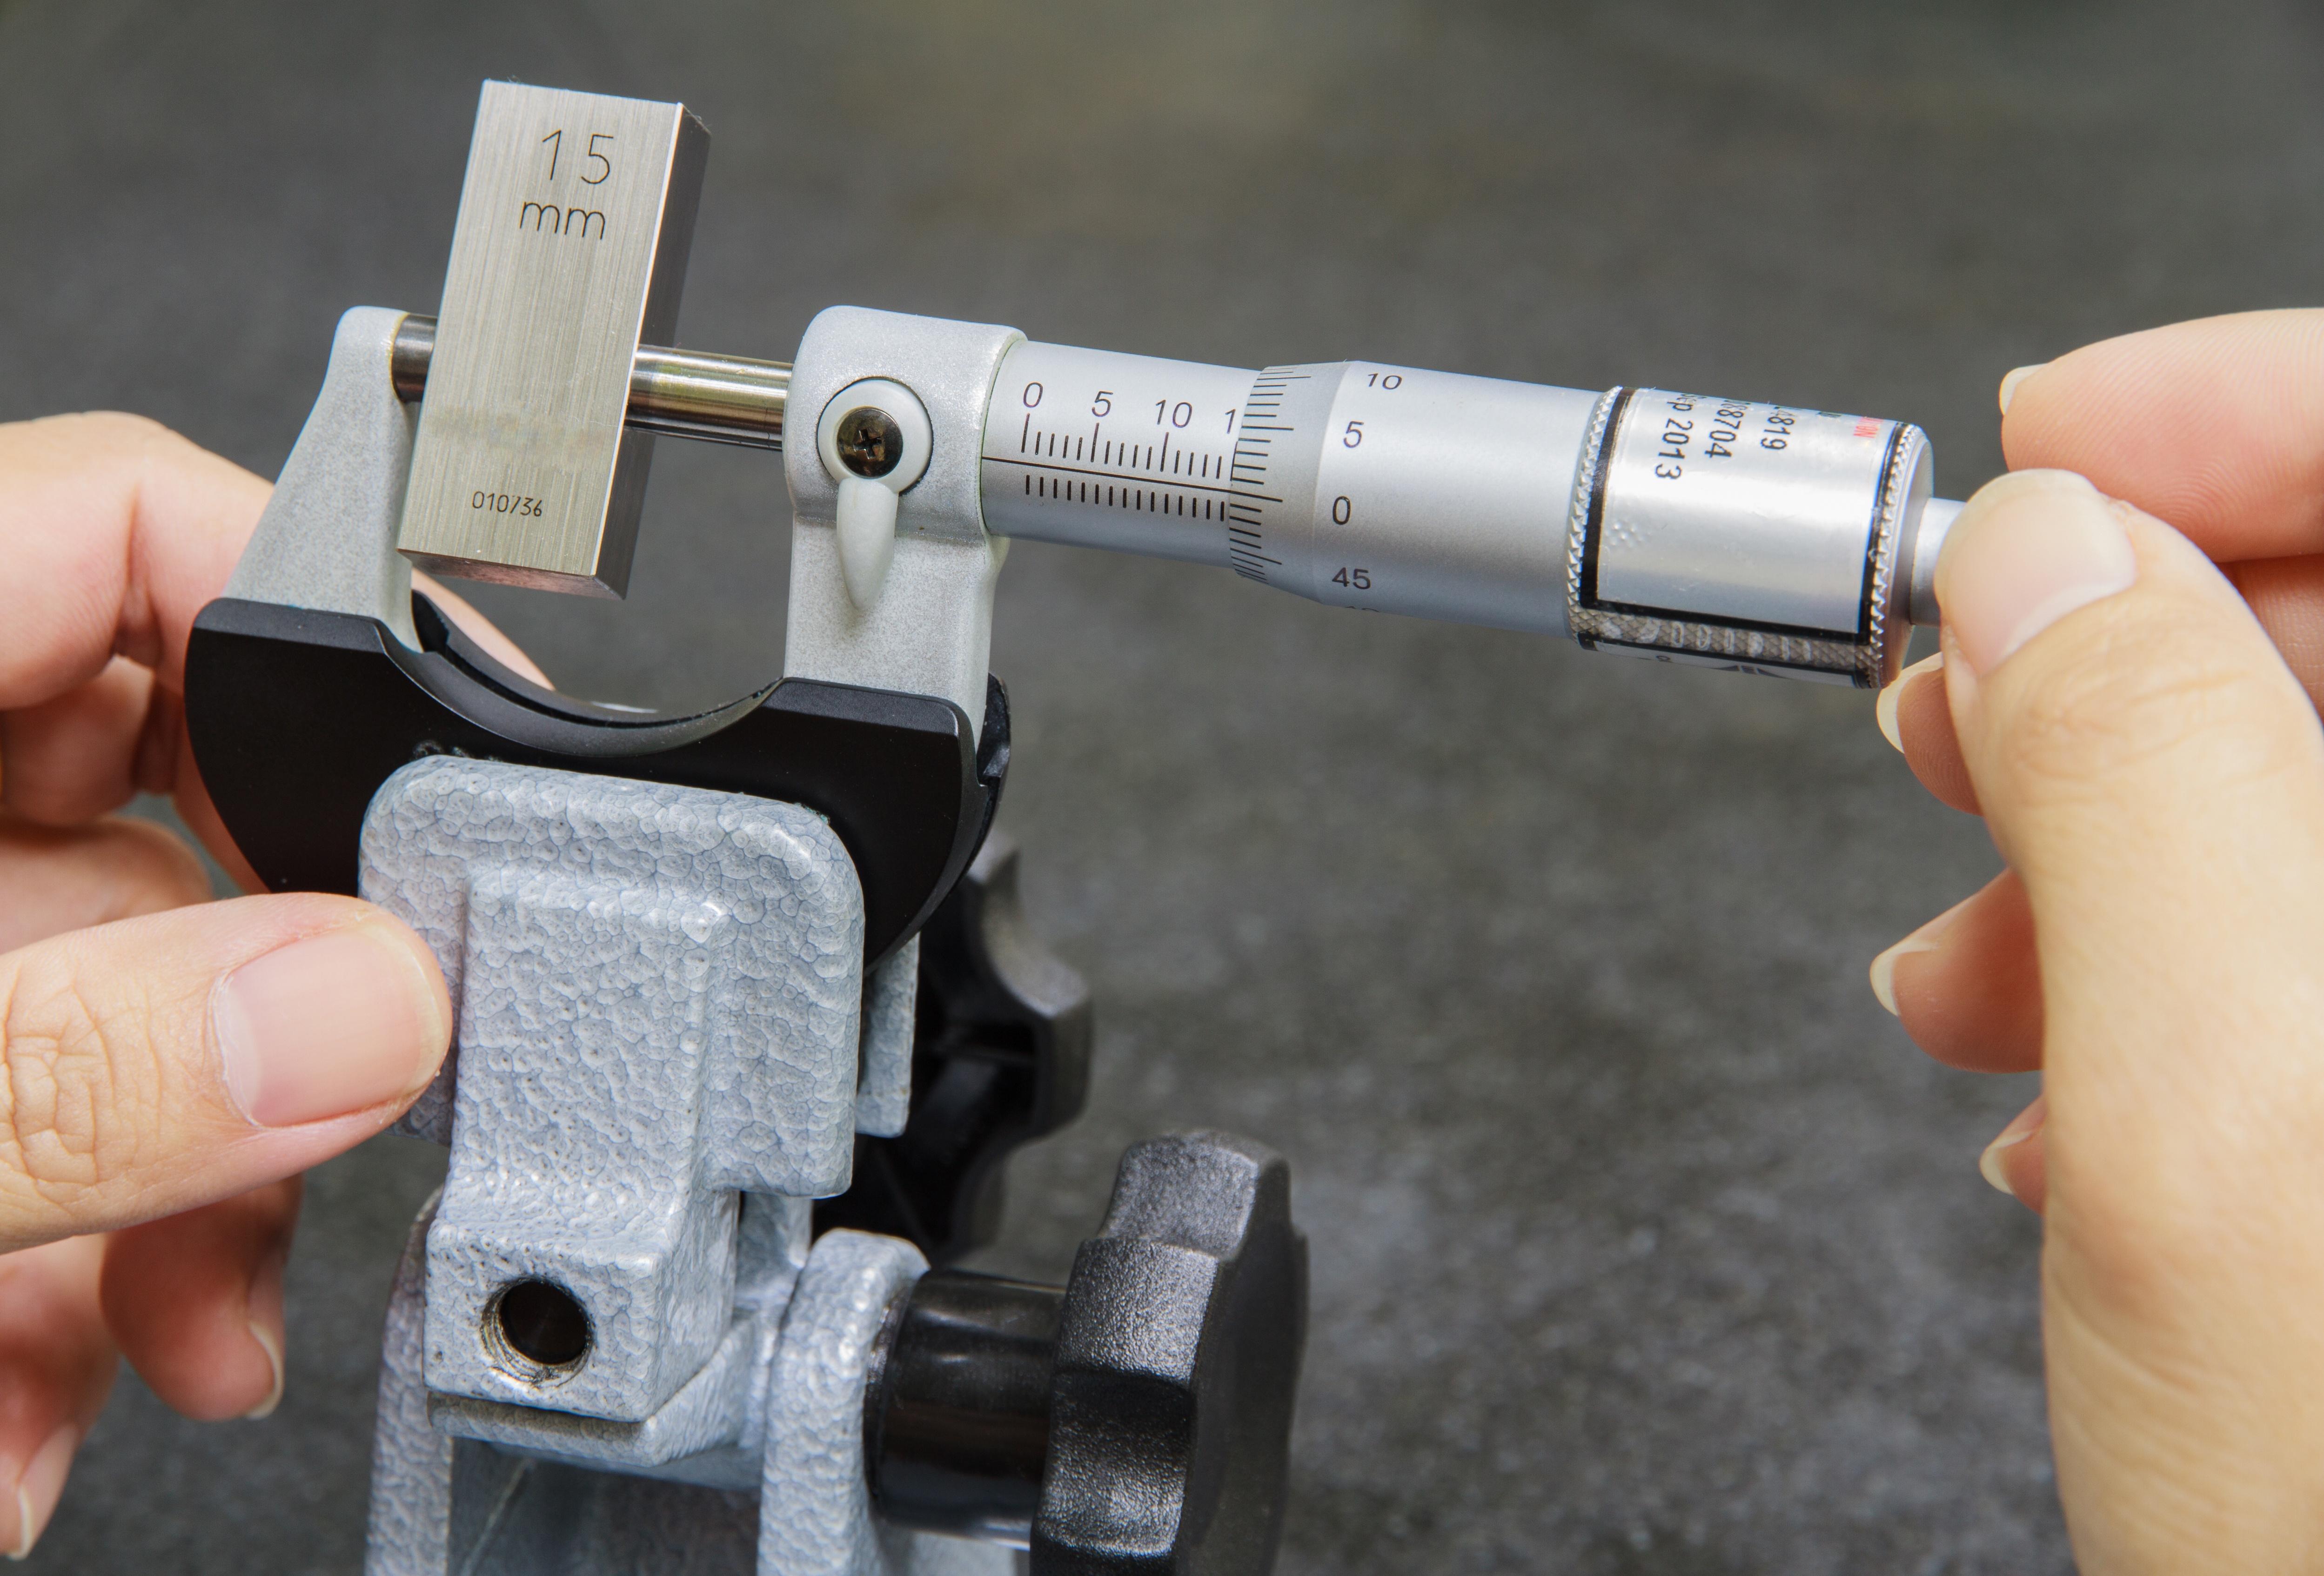 bigstock-Calibration-Micrometer-59688404-1.jpg